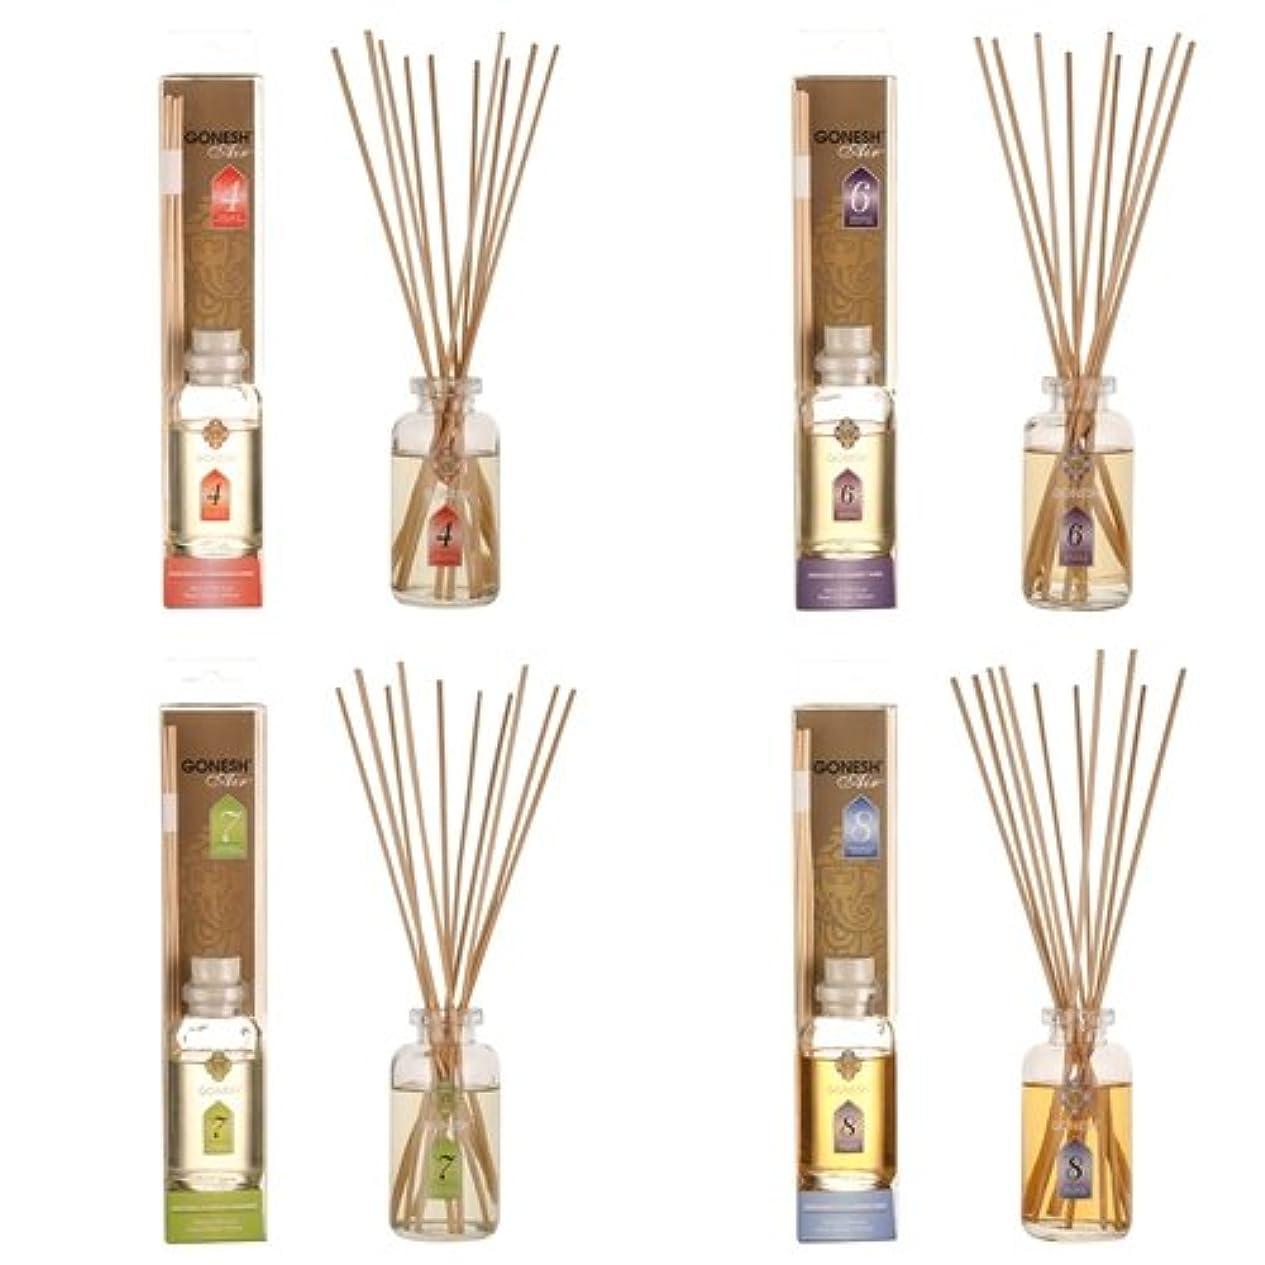 放送平日肯定的ガーネッシュ GONESH リードディフューザー 4つ(No.4、No.6、No.7、No.8)の香りが楽しめる4個セット 日本国内正規品